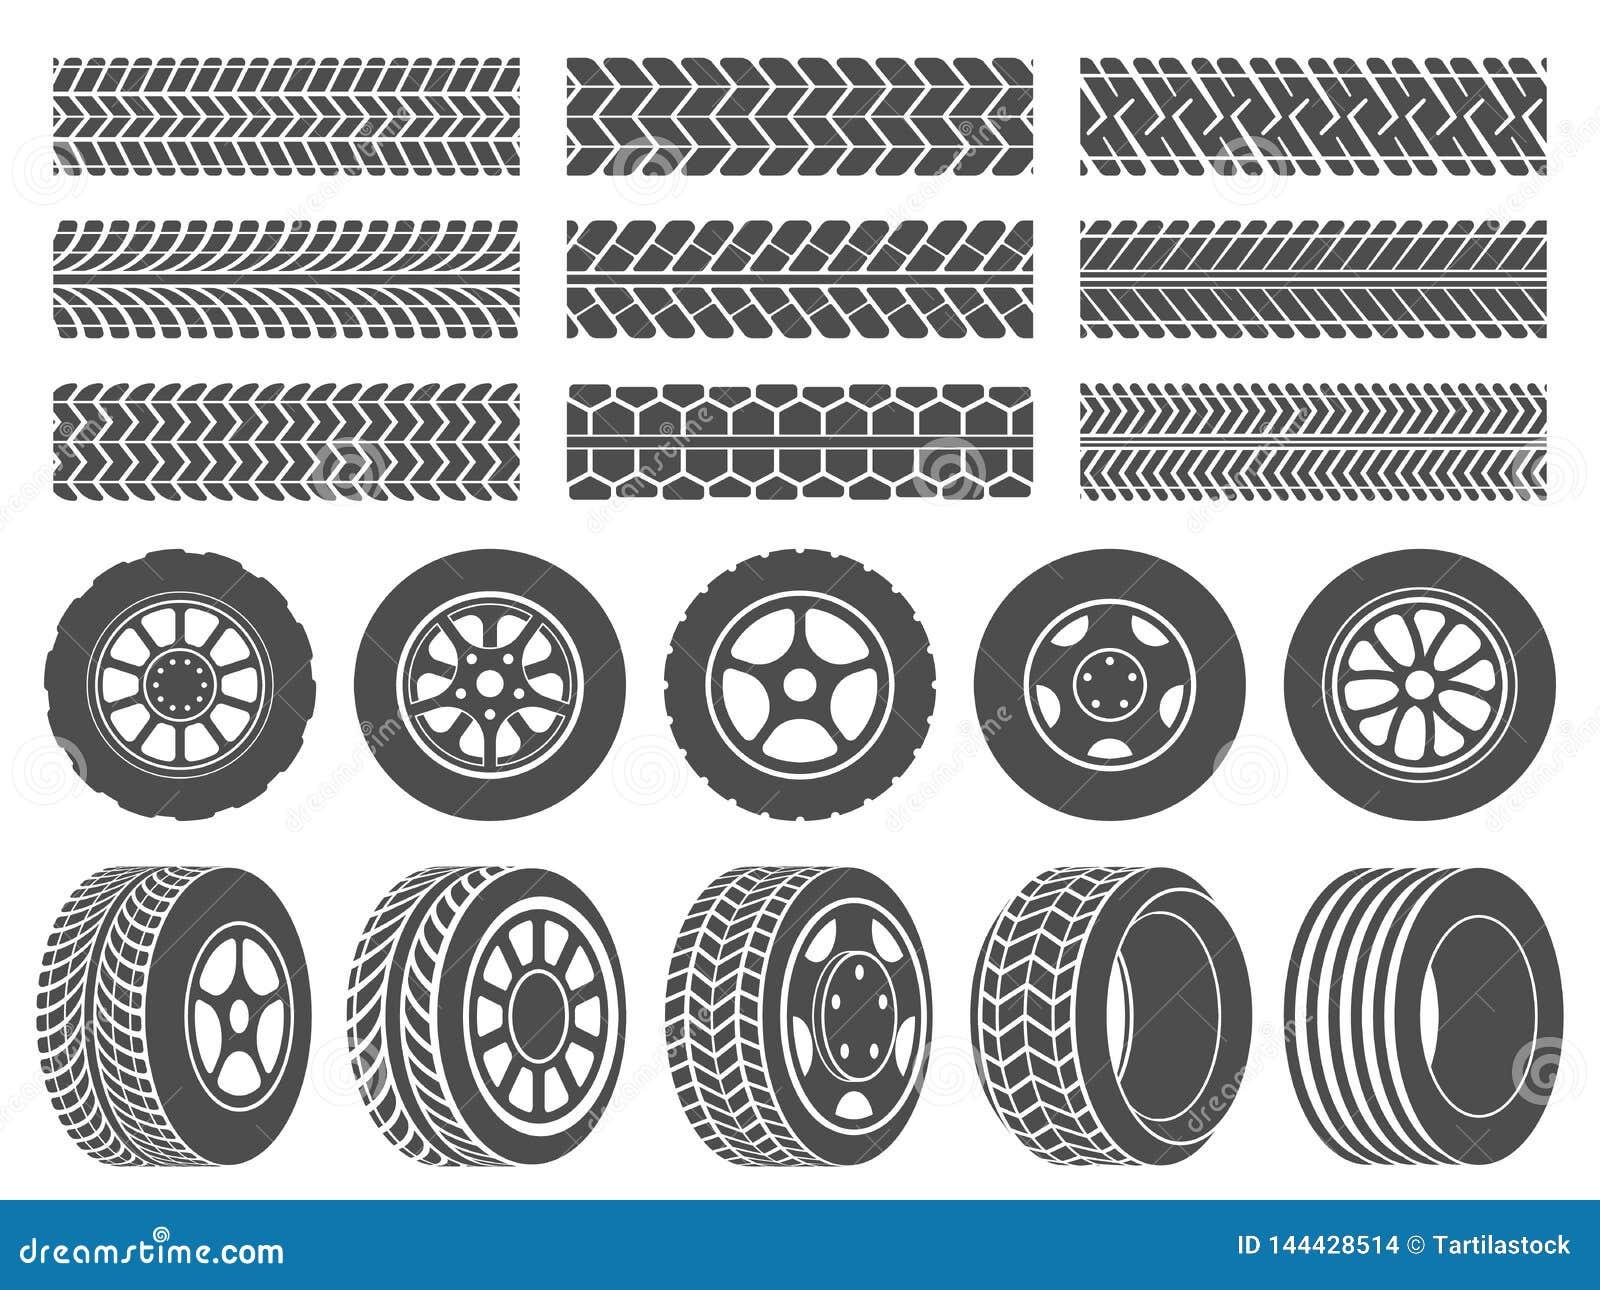 Neumáticos de la rueda Pistas de la pisada del neumático de coche, motocicleta que compite con iconos de las ruedas y el sistema